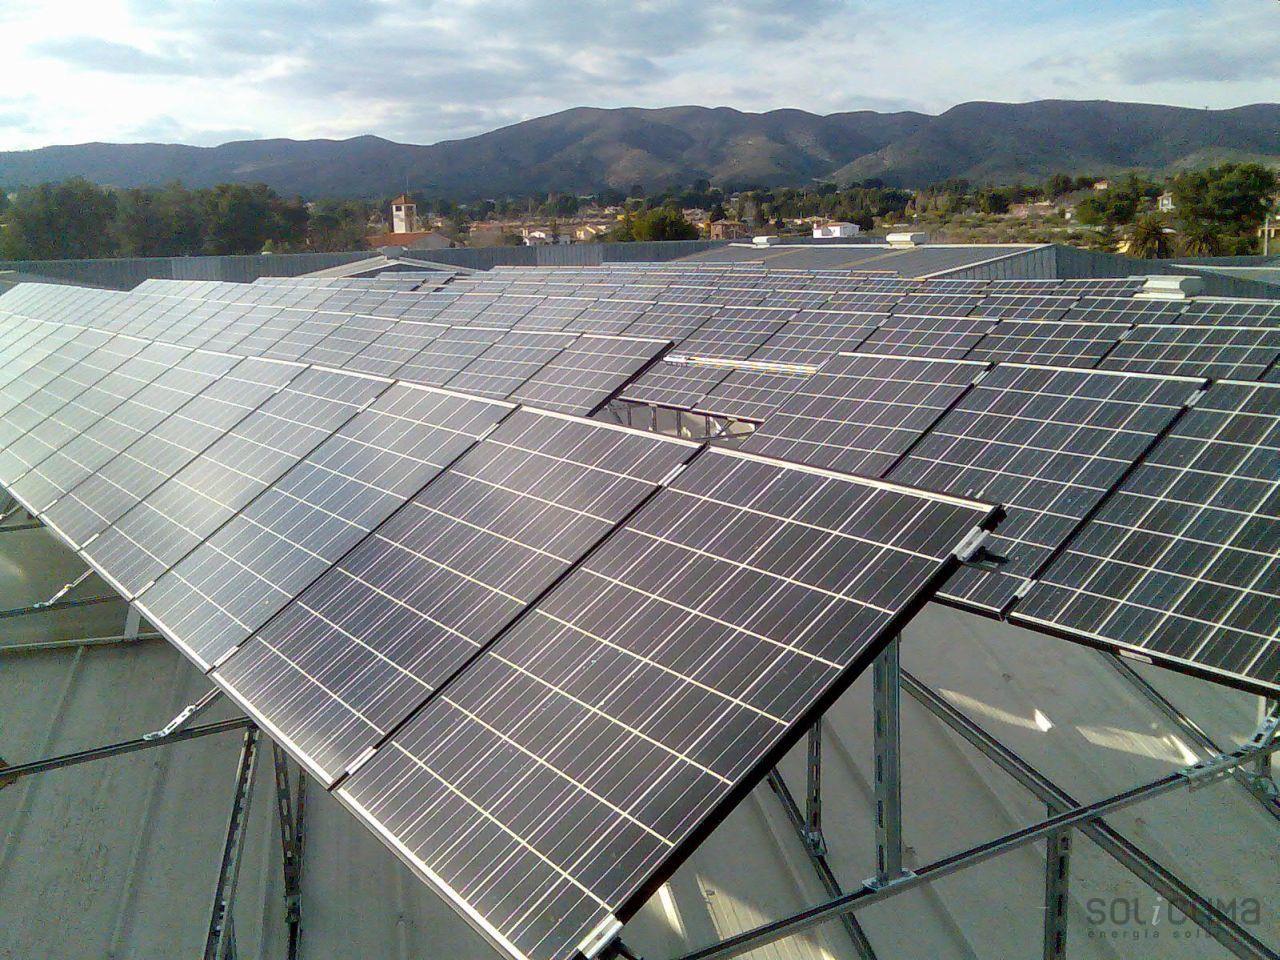 Fotovoltaica madrid for Instalacion fotovoltaica conectada a red